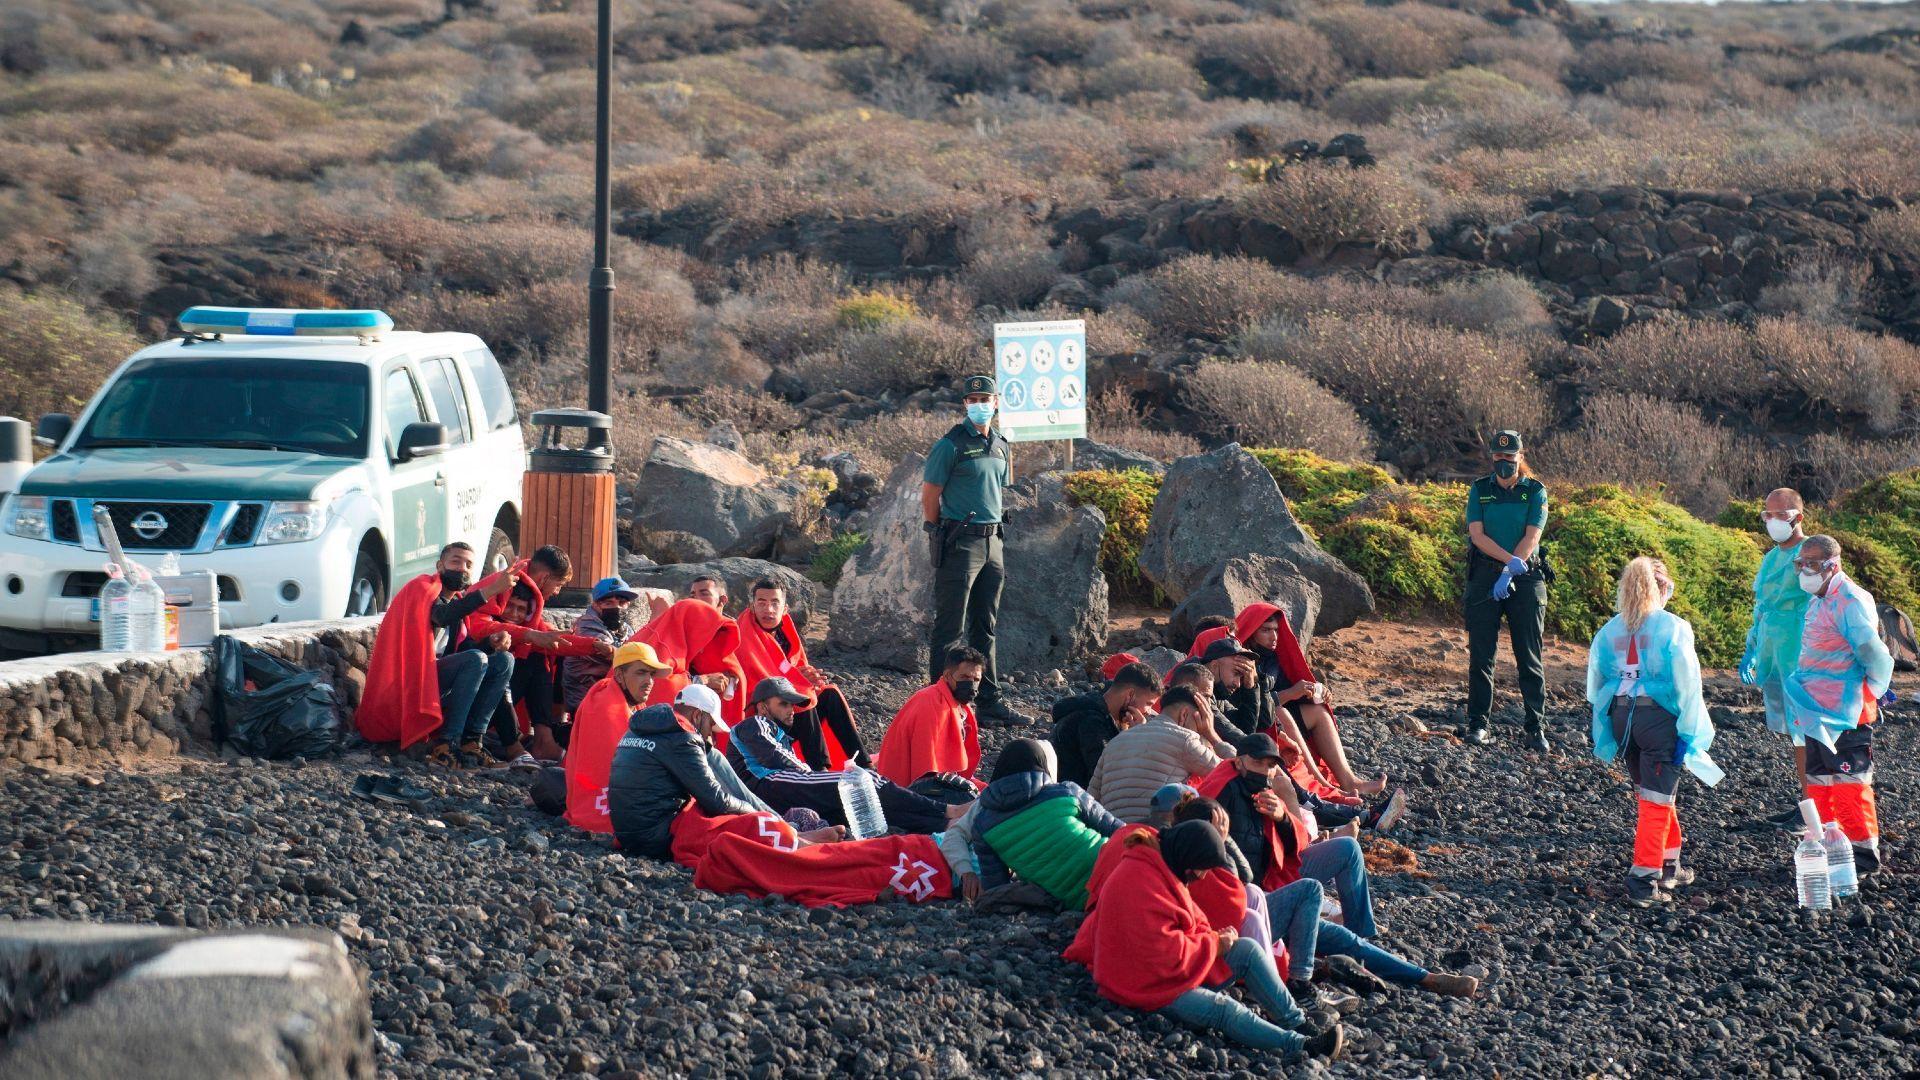 Más de 200 migrantes alcanzan en patera las costas españolas en un día